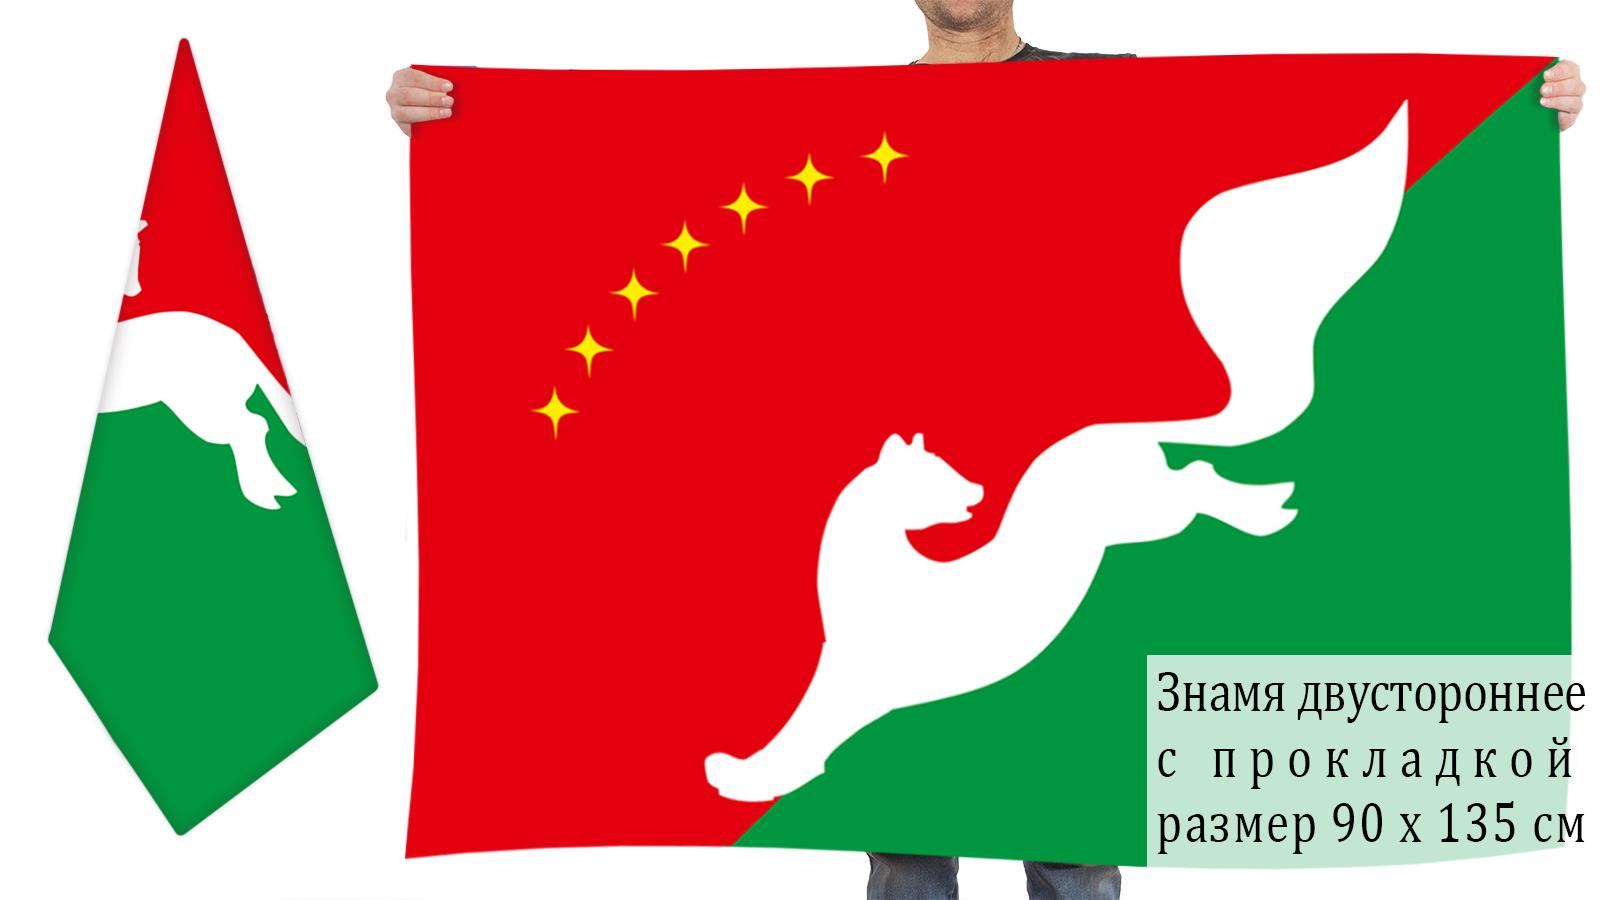 Двусторонний флаг Краснозаводска